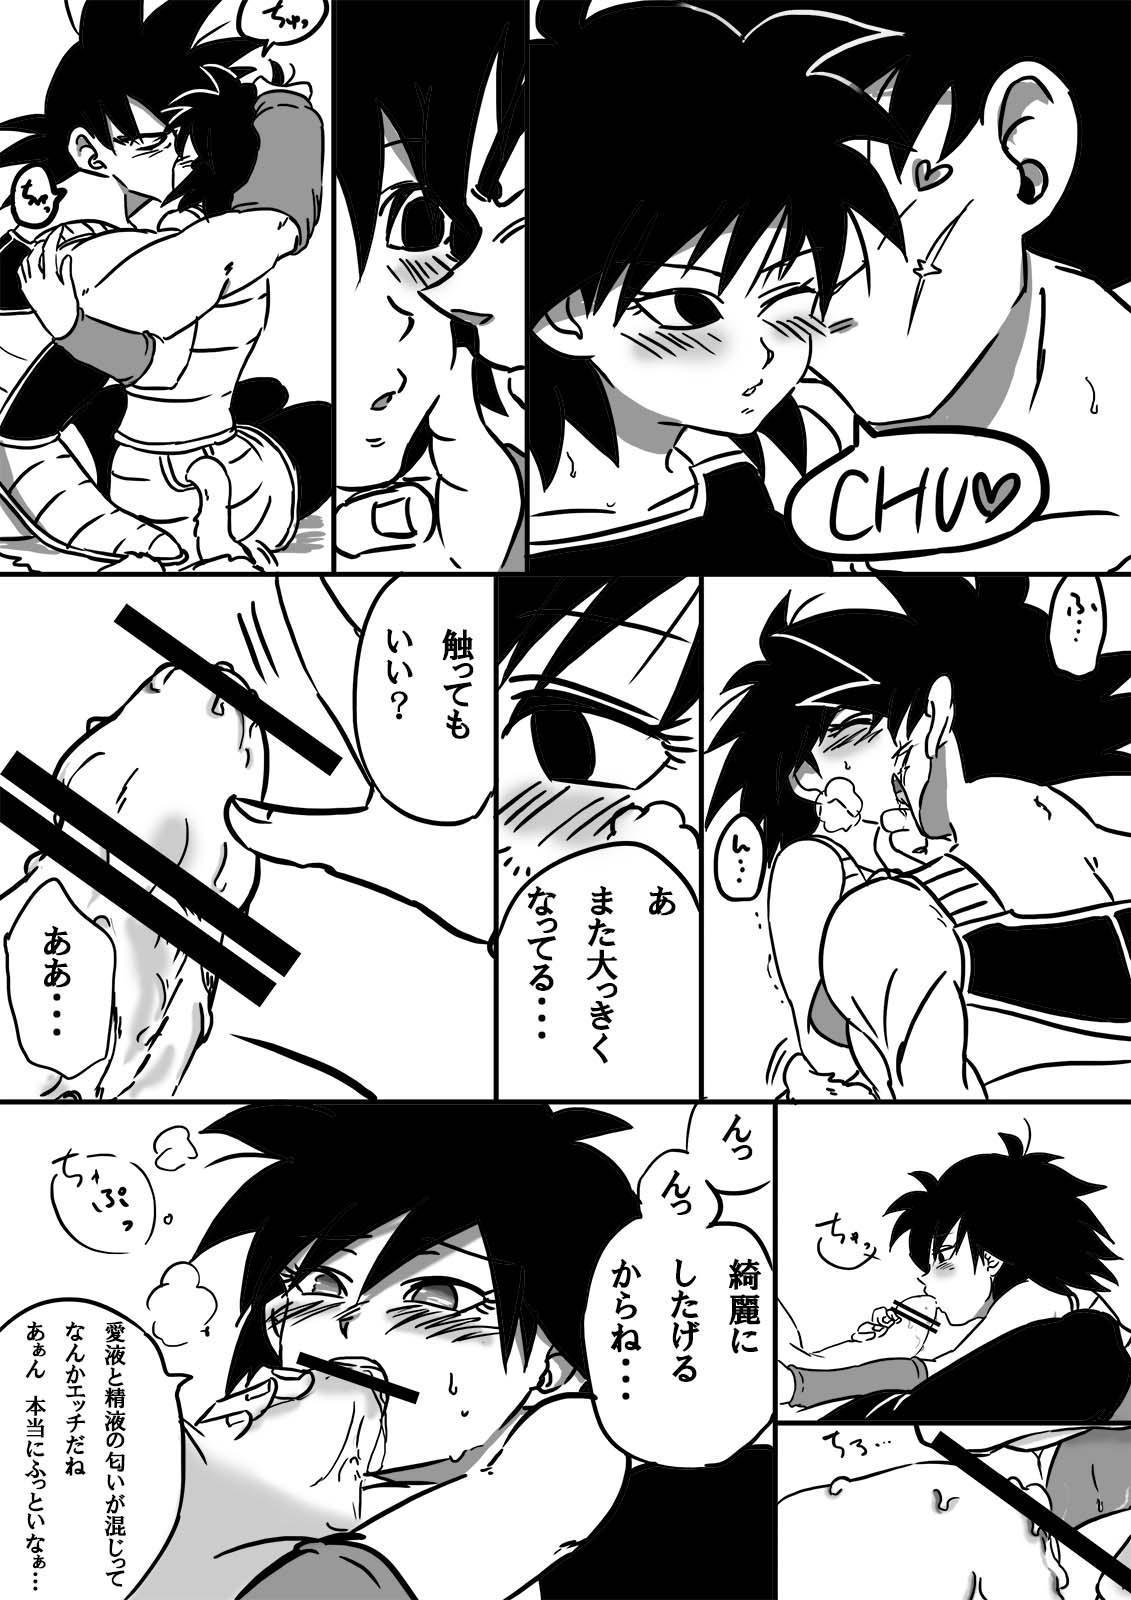 Miwaku no hana 16